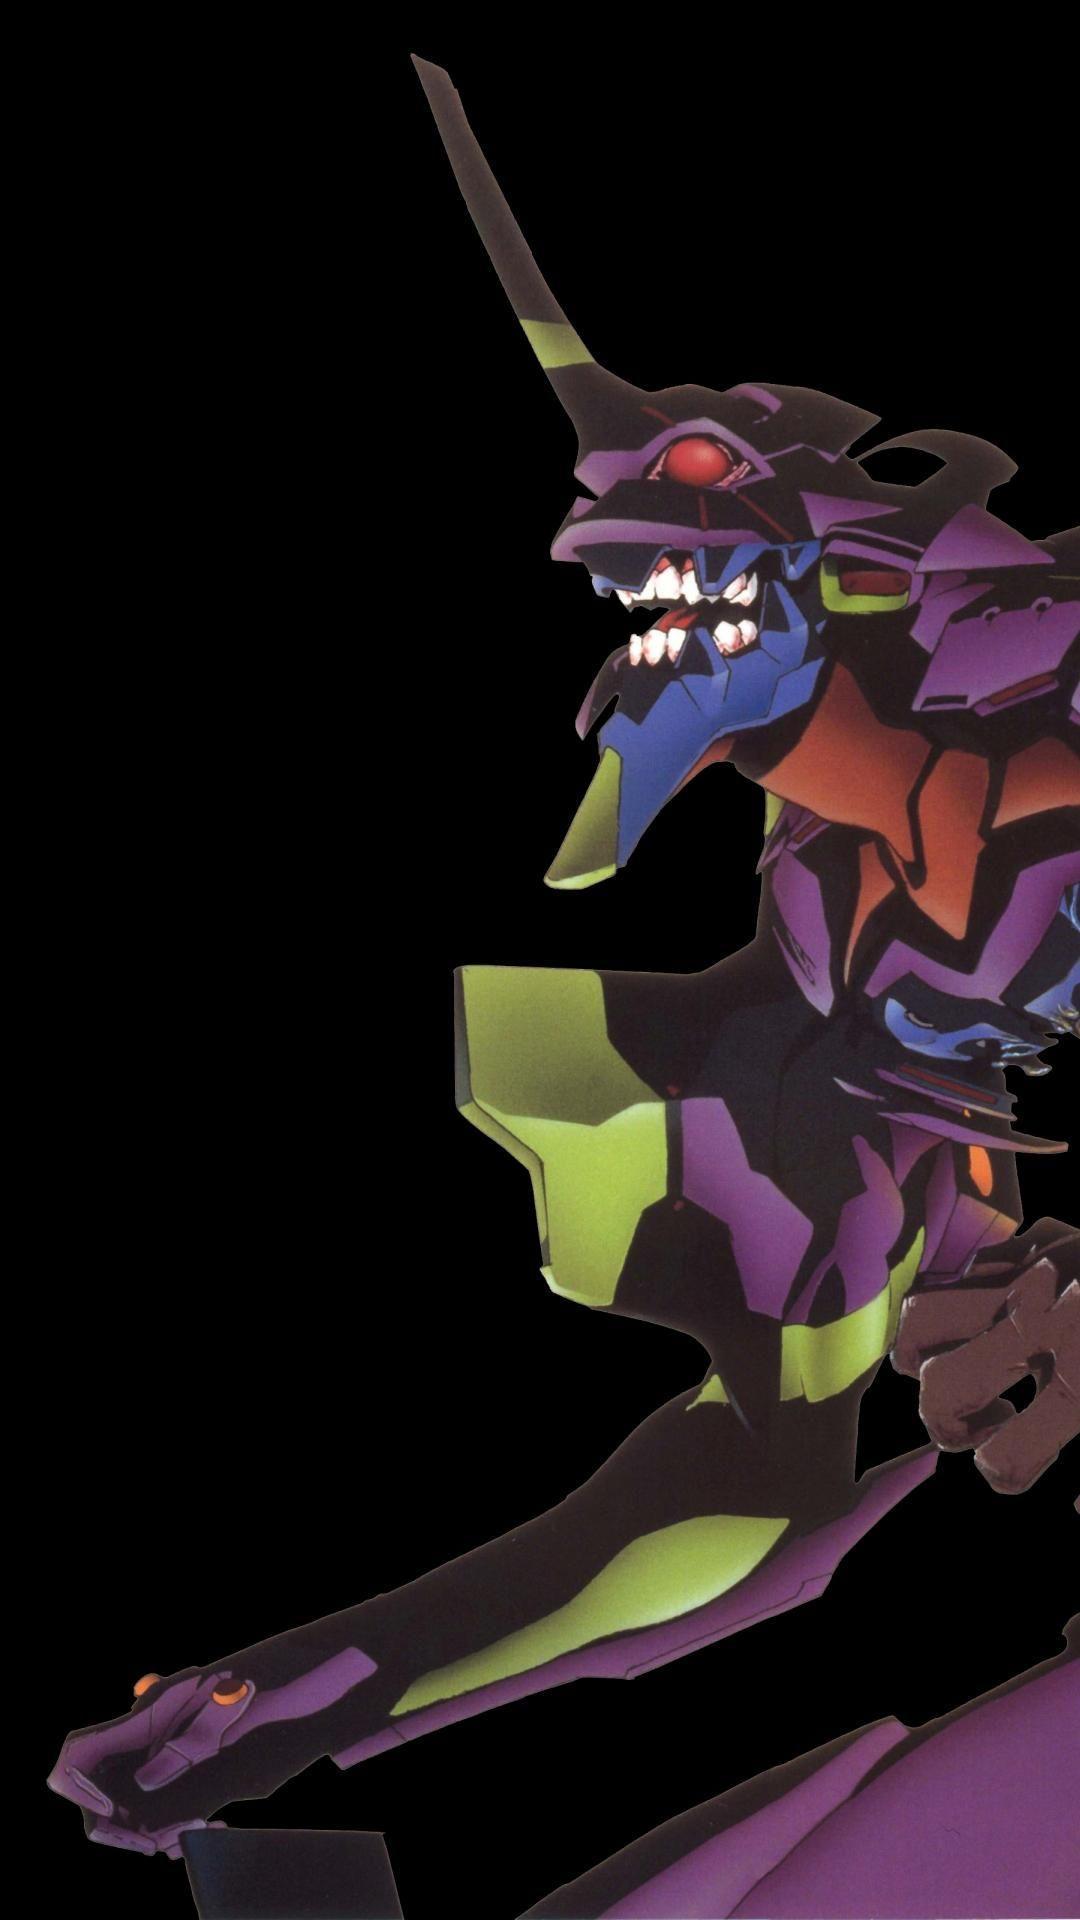 Neon Genesis Evangelion iPhone Wallpapers - Top Free Neon ...